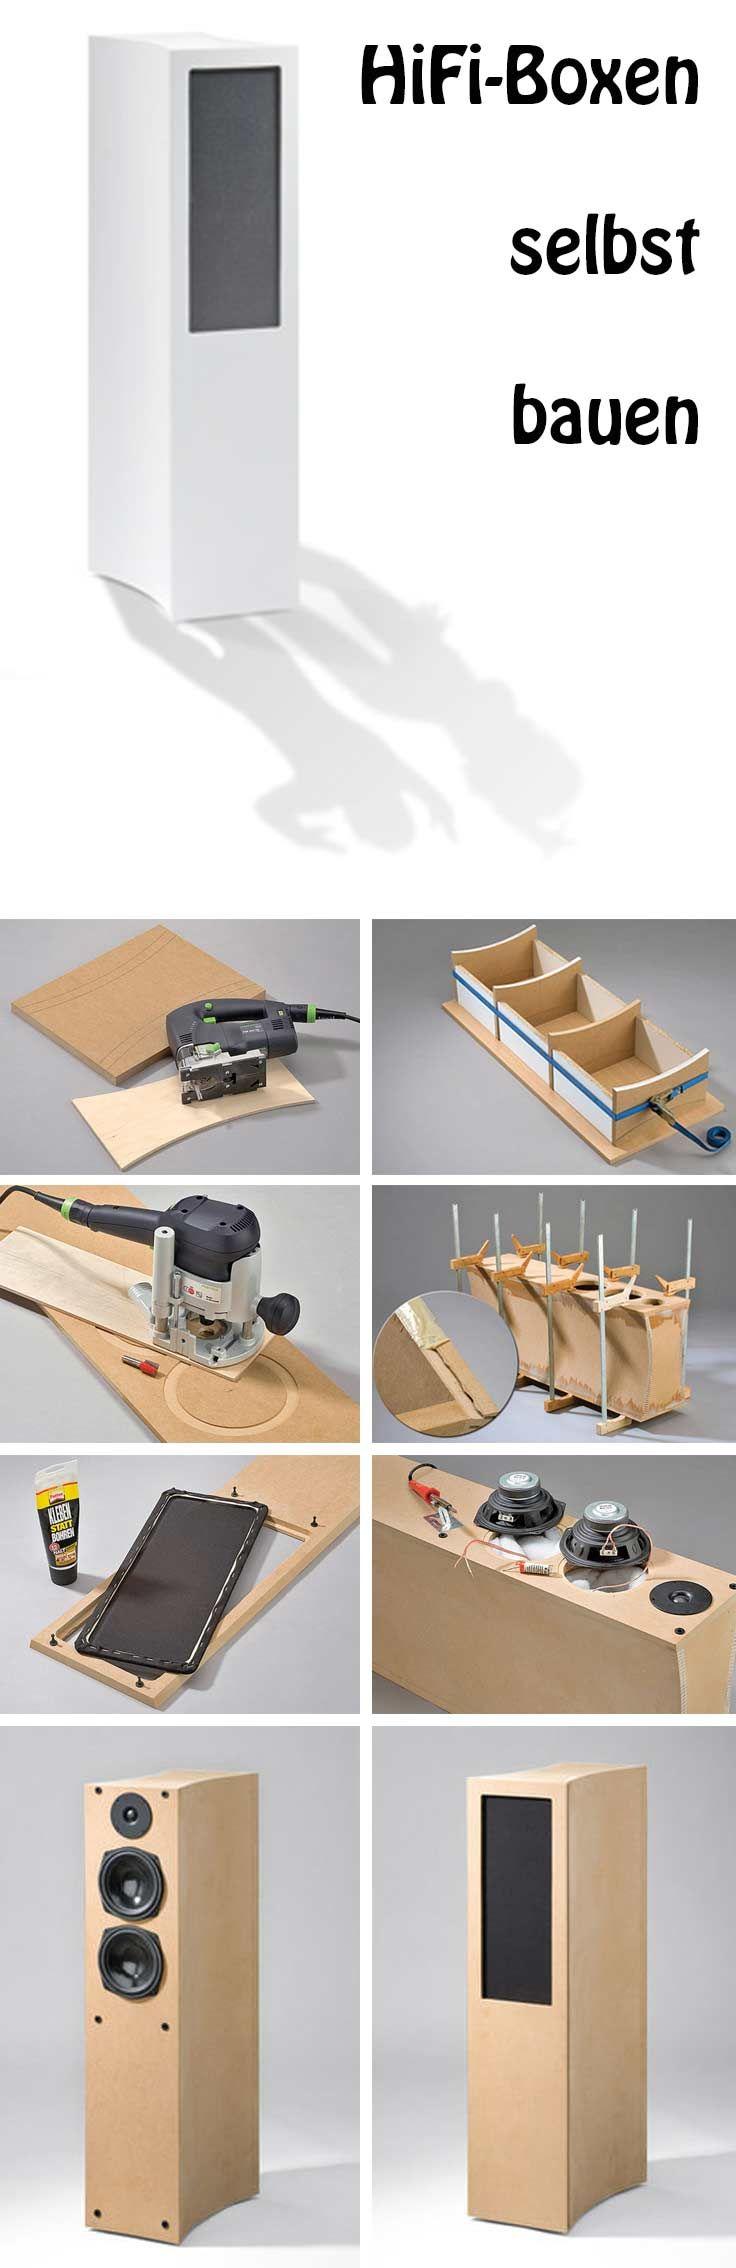 Mit Hilfe unserer Bauanleitung kann man Hifi-Boxen selbst bauen. Wir zeigen Schritt für Schritt, wie es geht.